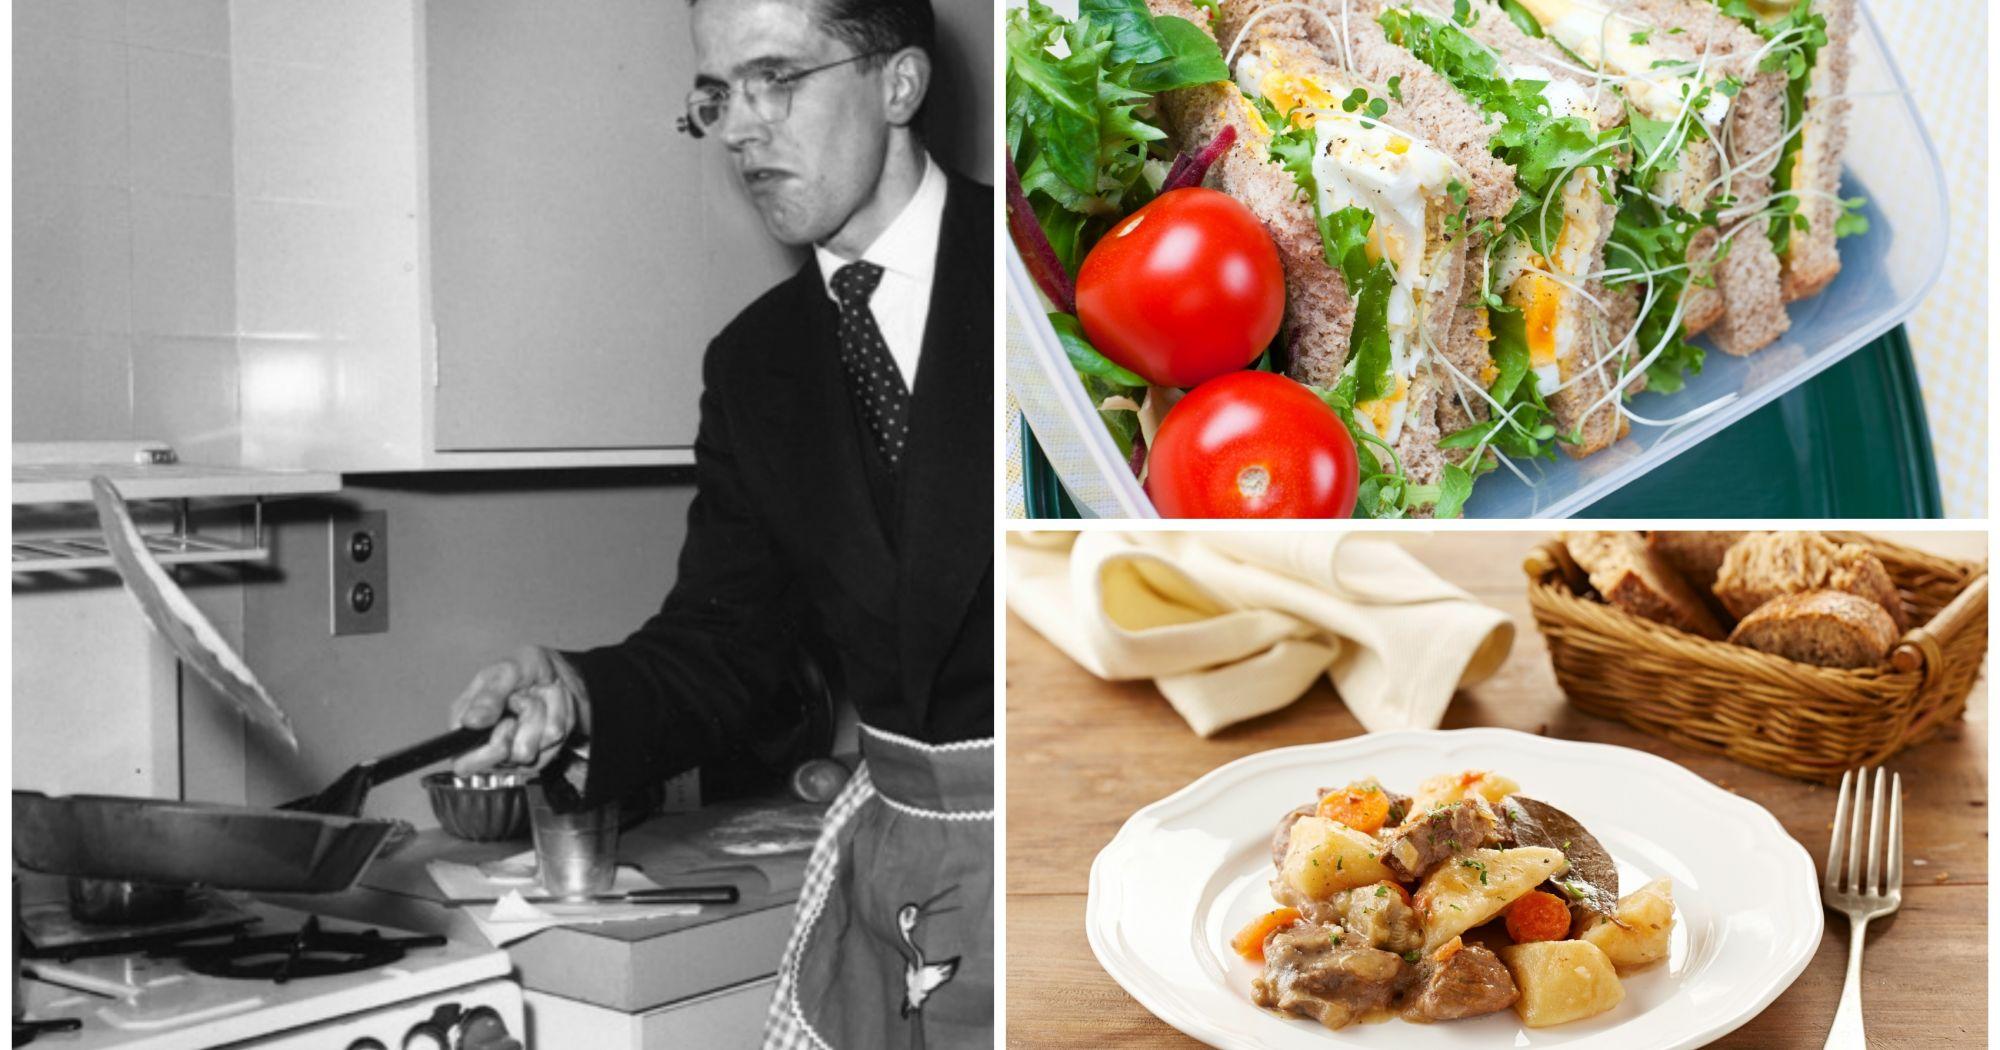 Cocina Para Singles | Cocina Para Solteros 20 Deliciosas Recetas Que Se Adaptan A Tu